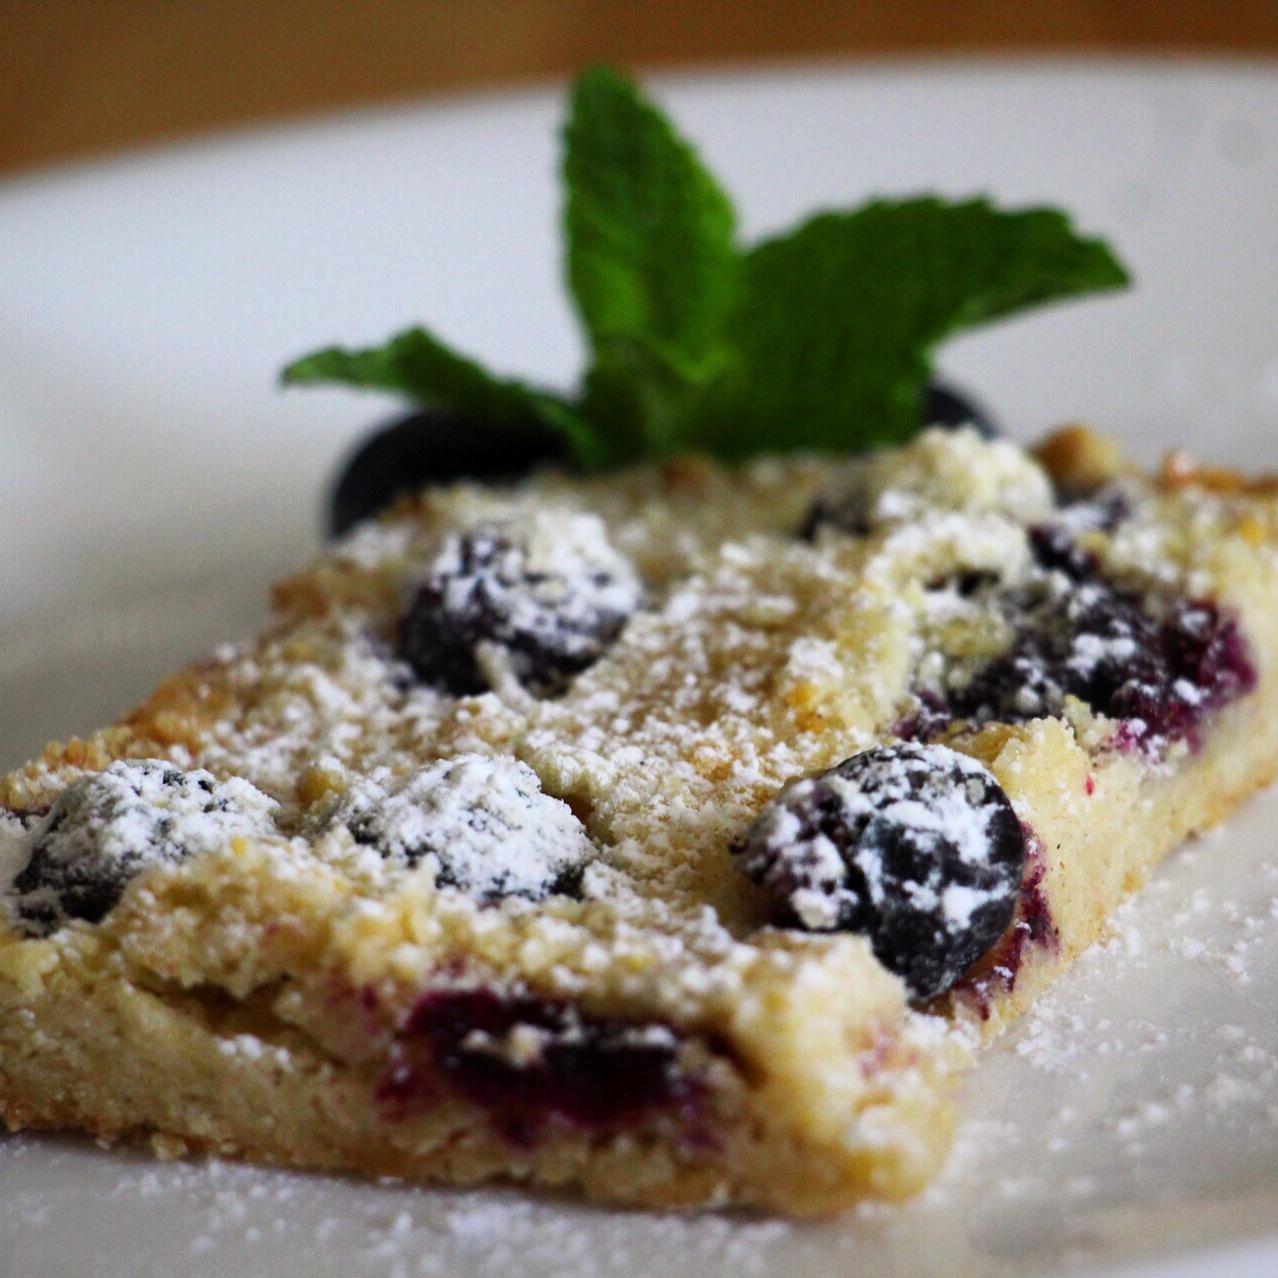 Blueberry Shortbread Bars jwalks80